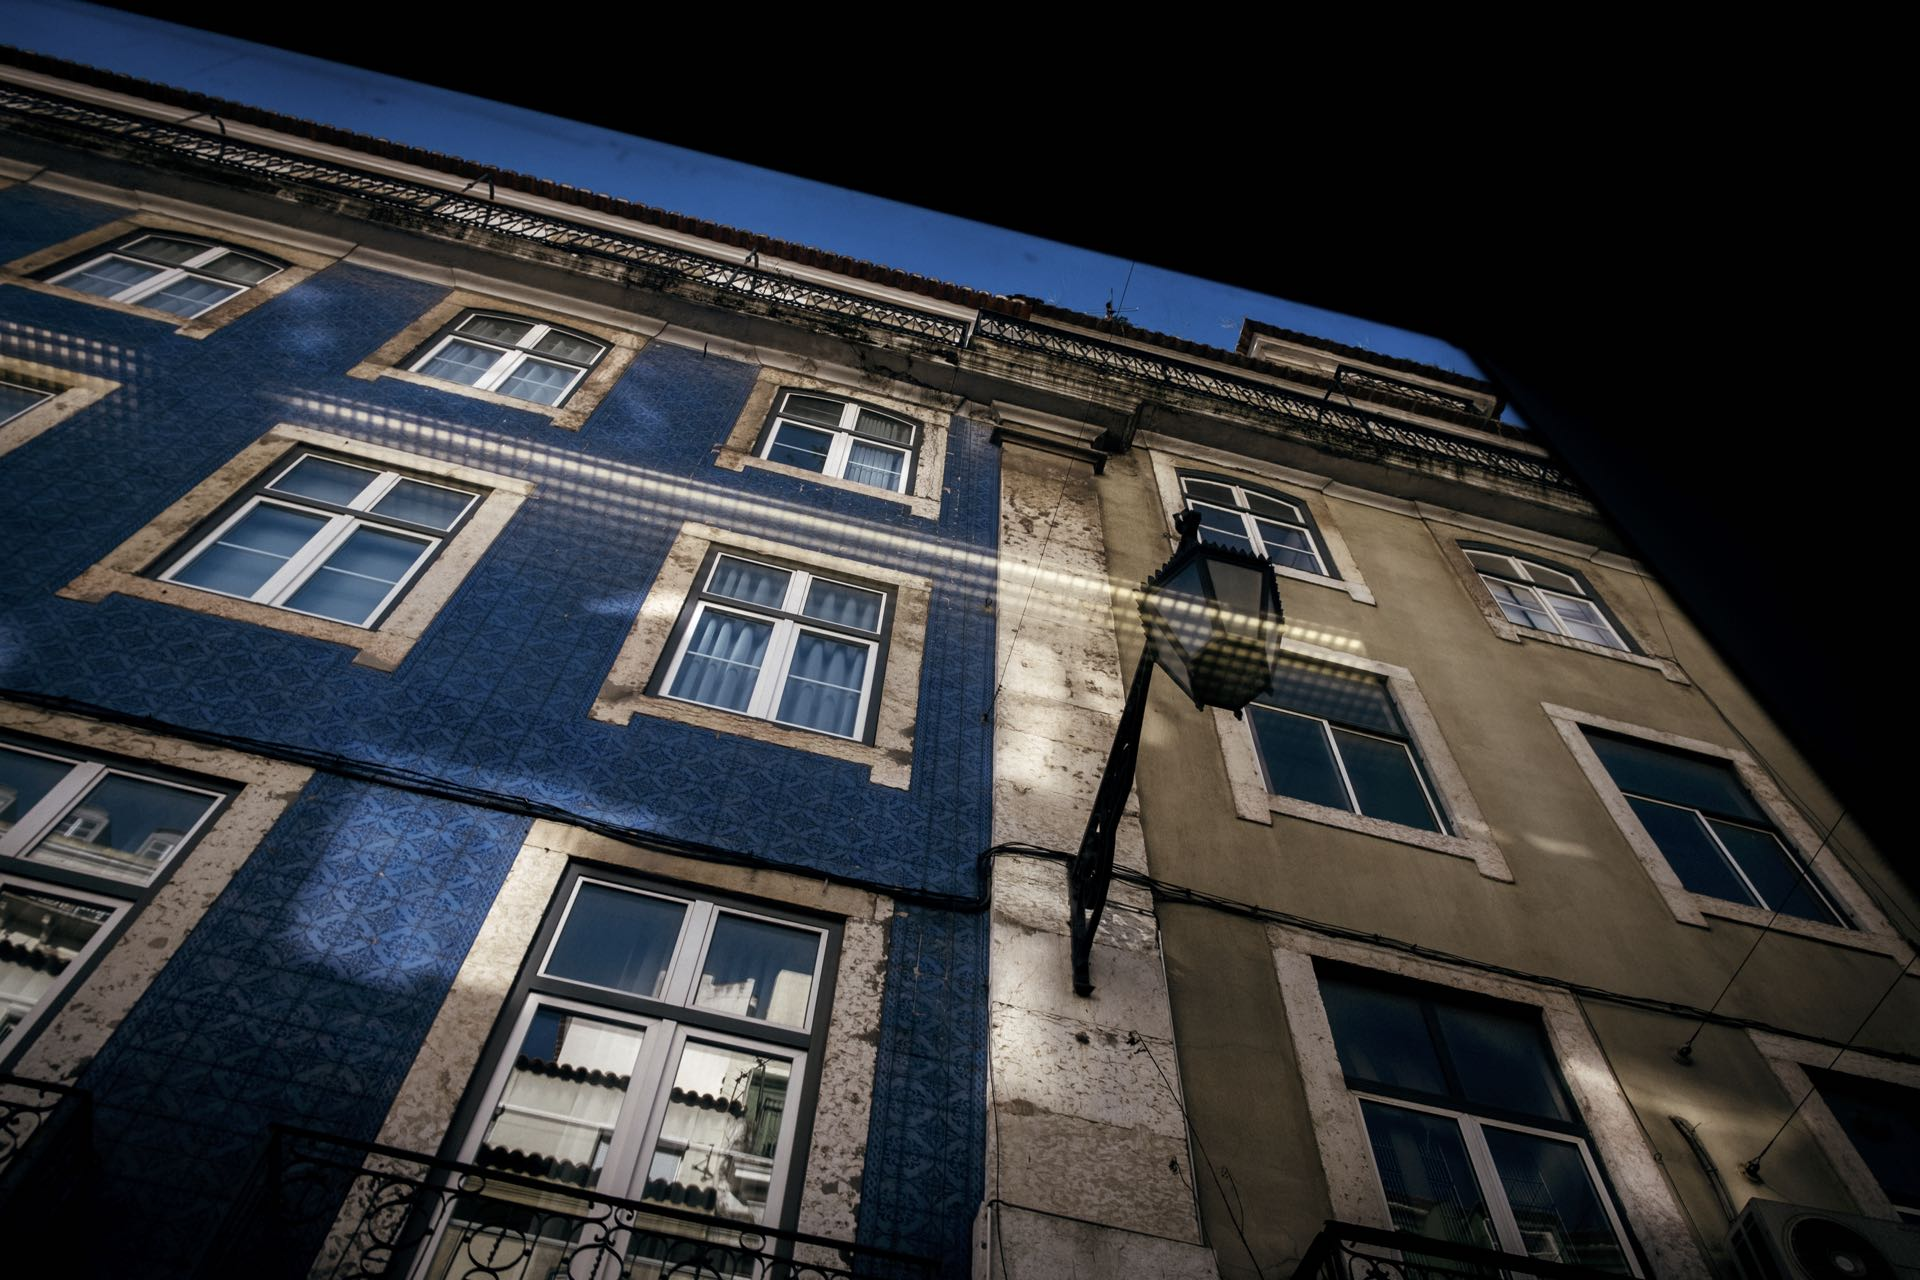 Lisbonne 2018@laurentparienti - 8